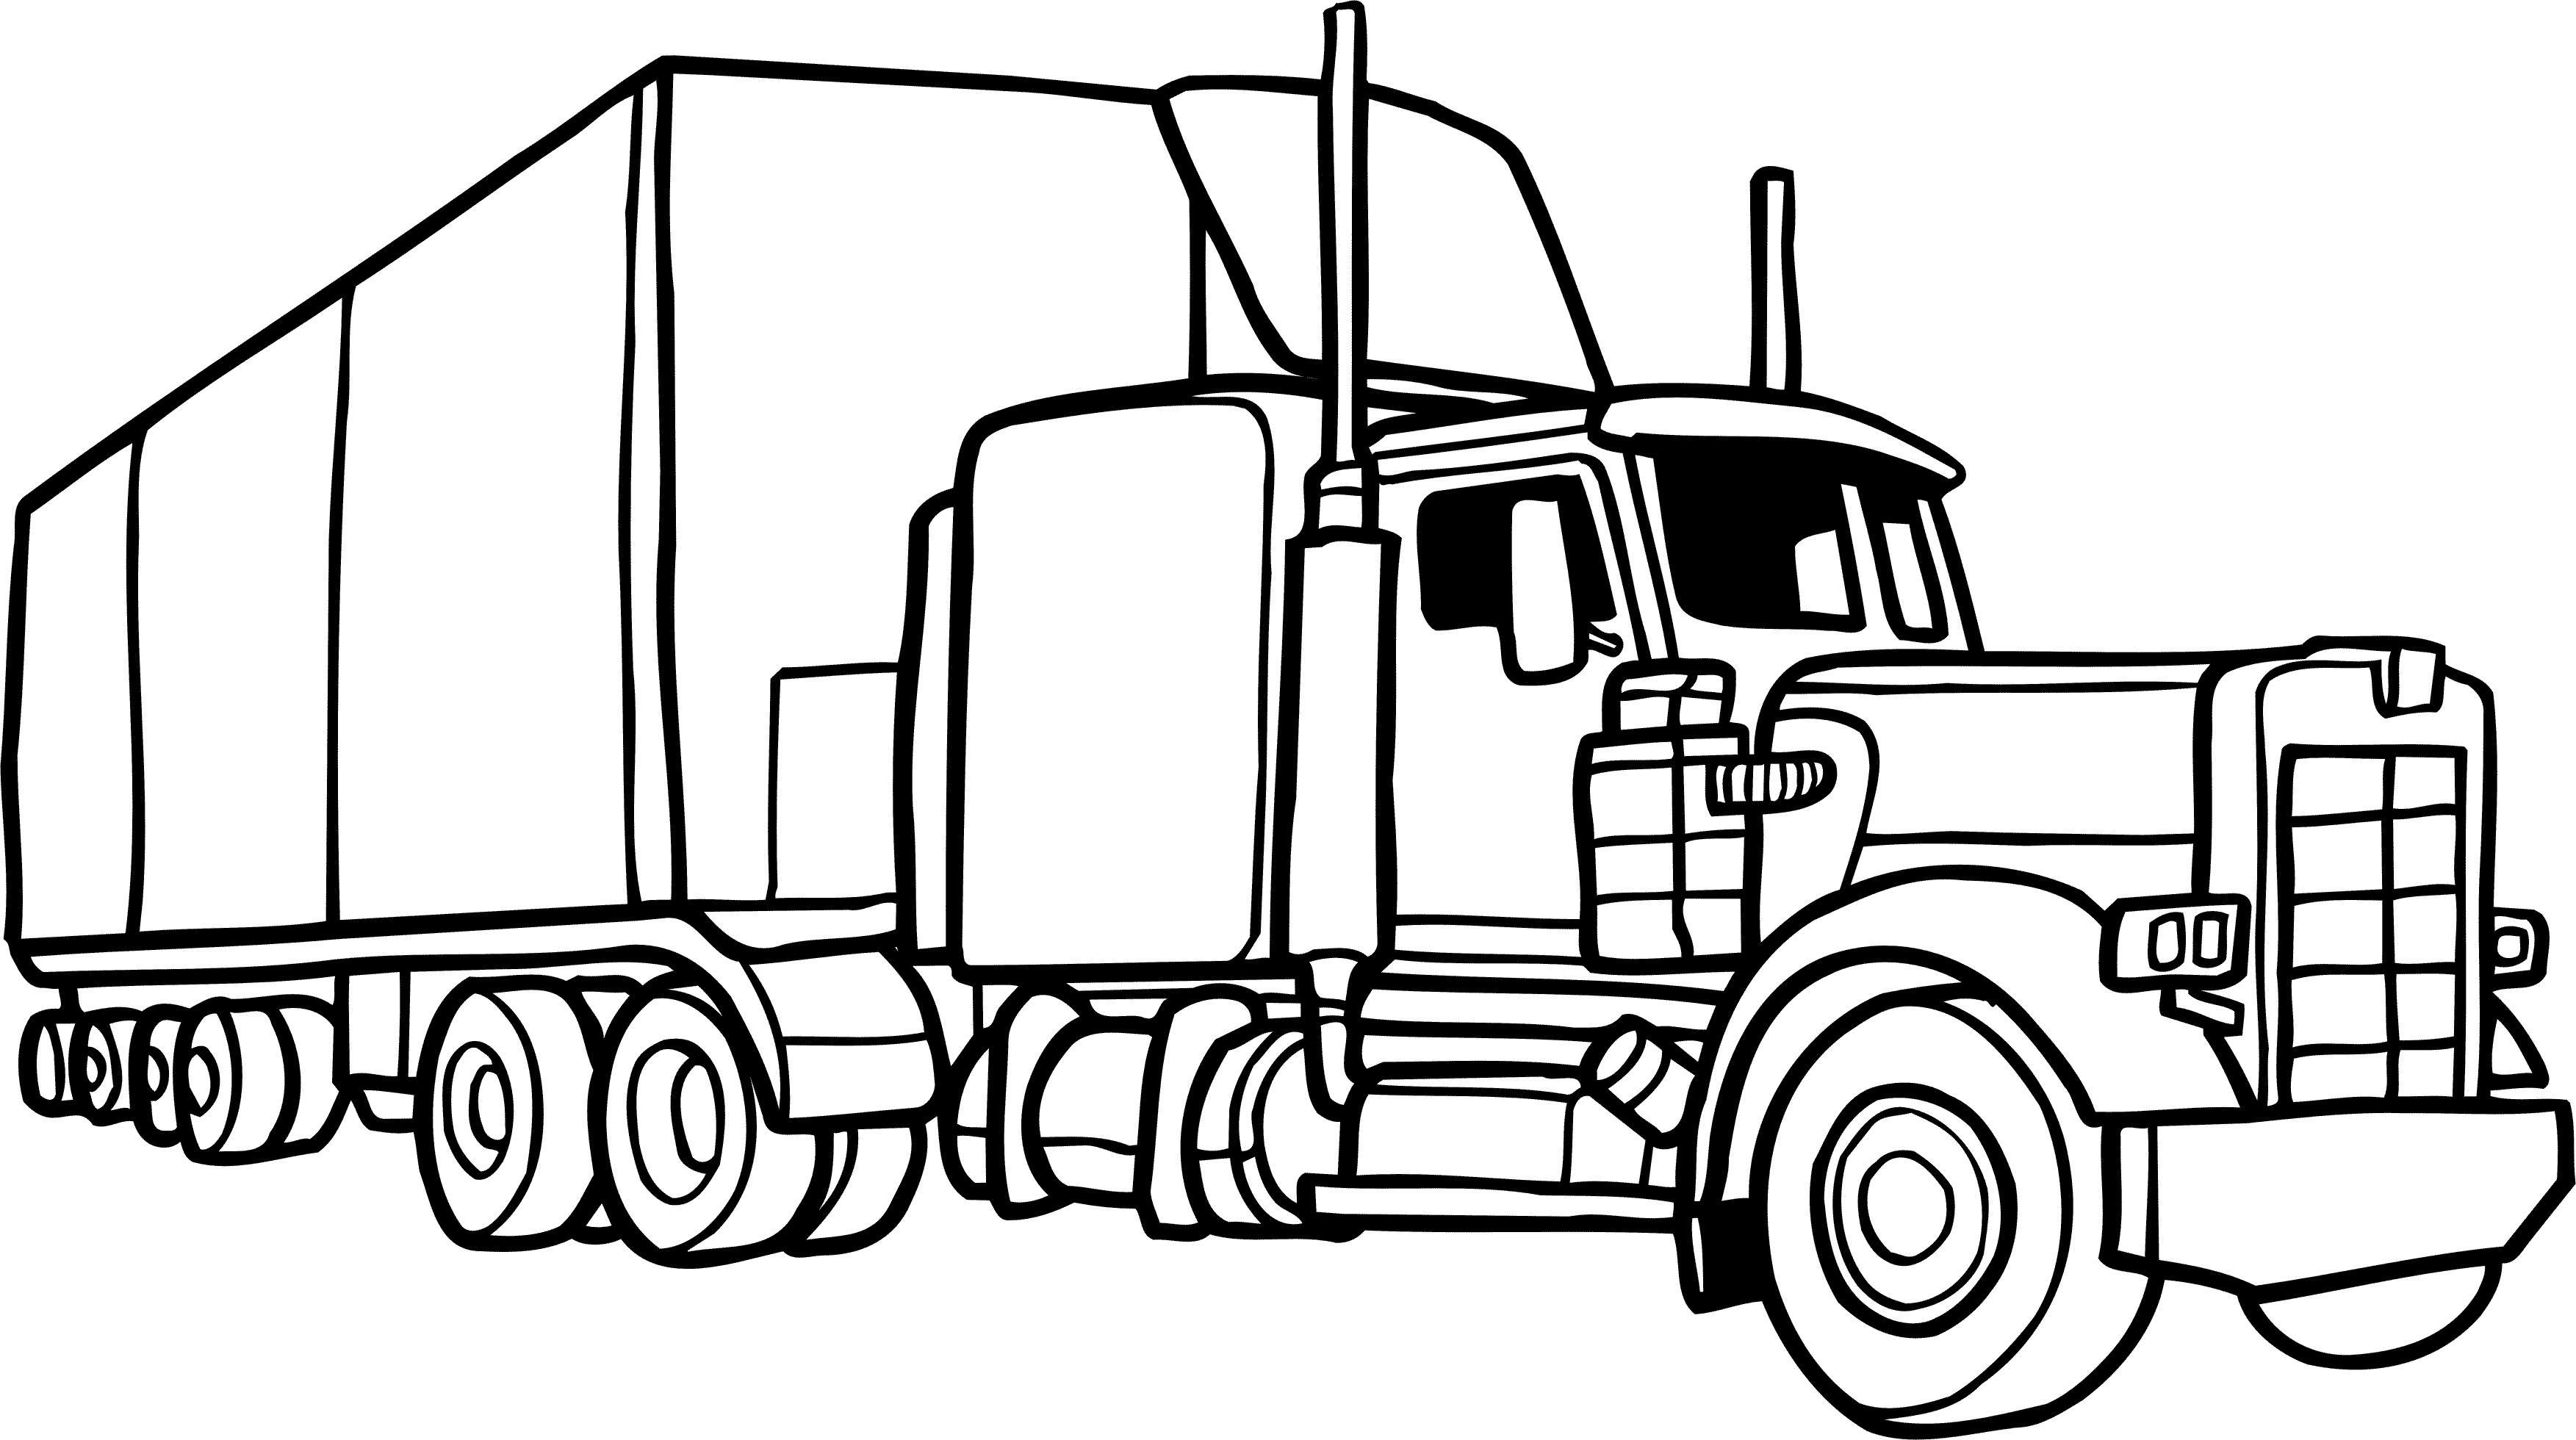 Картинки раскраски грузовиков